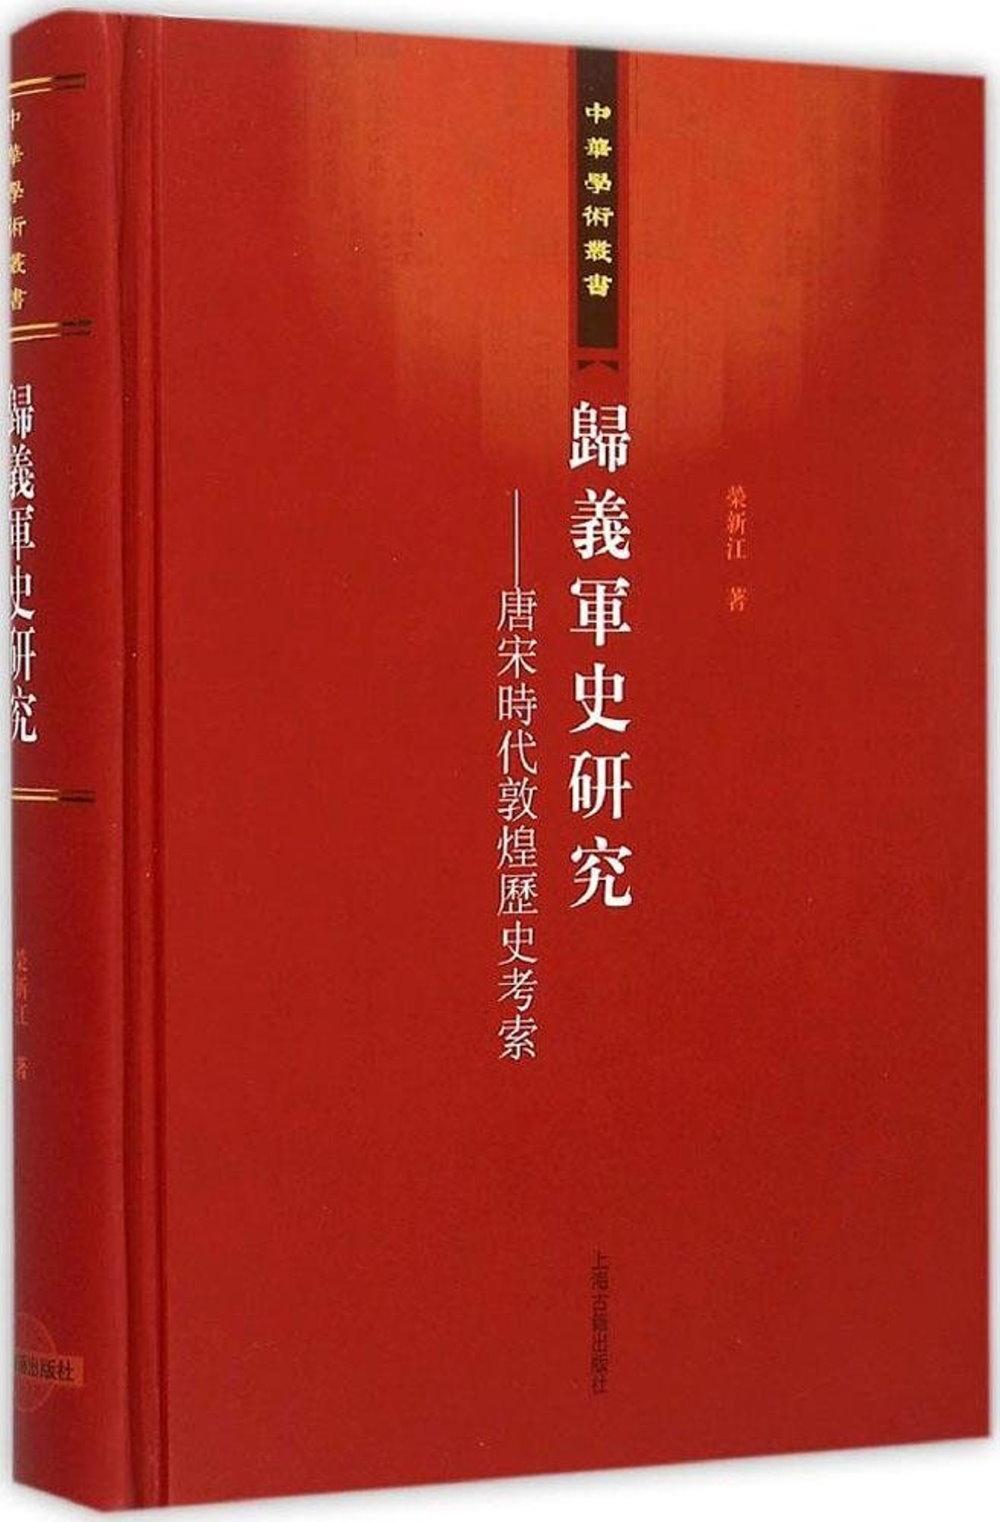 歸義軍史研究~~唐宋時代敦煌歷史考索